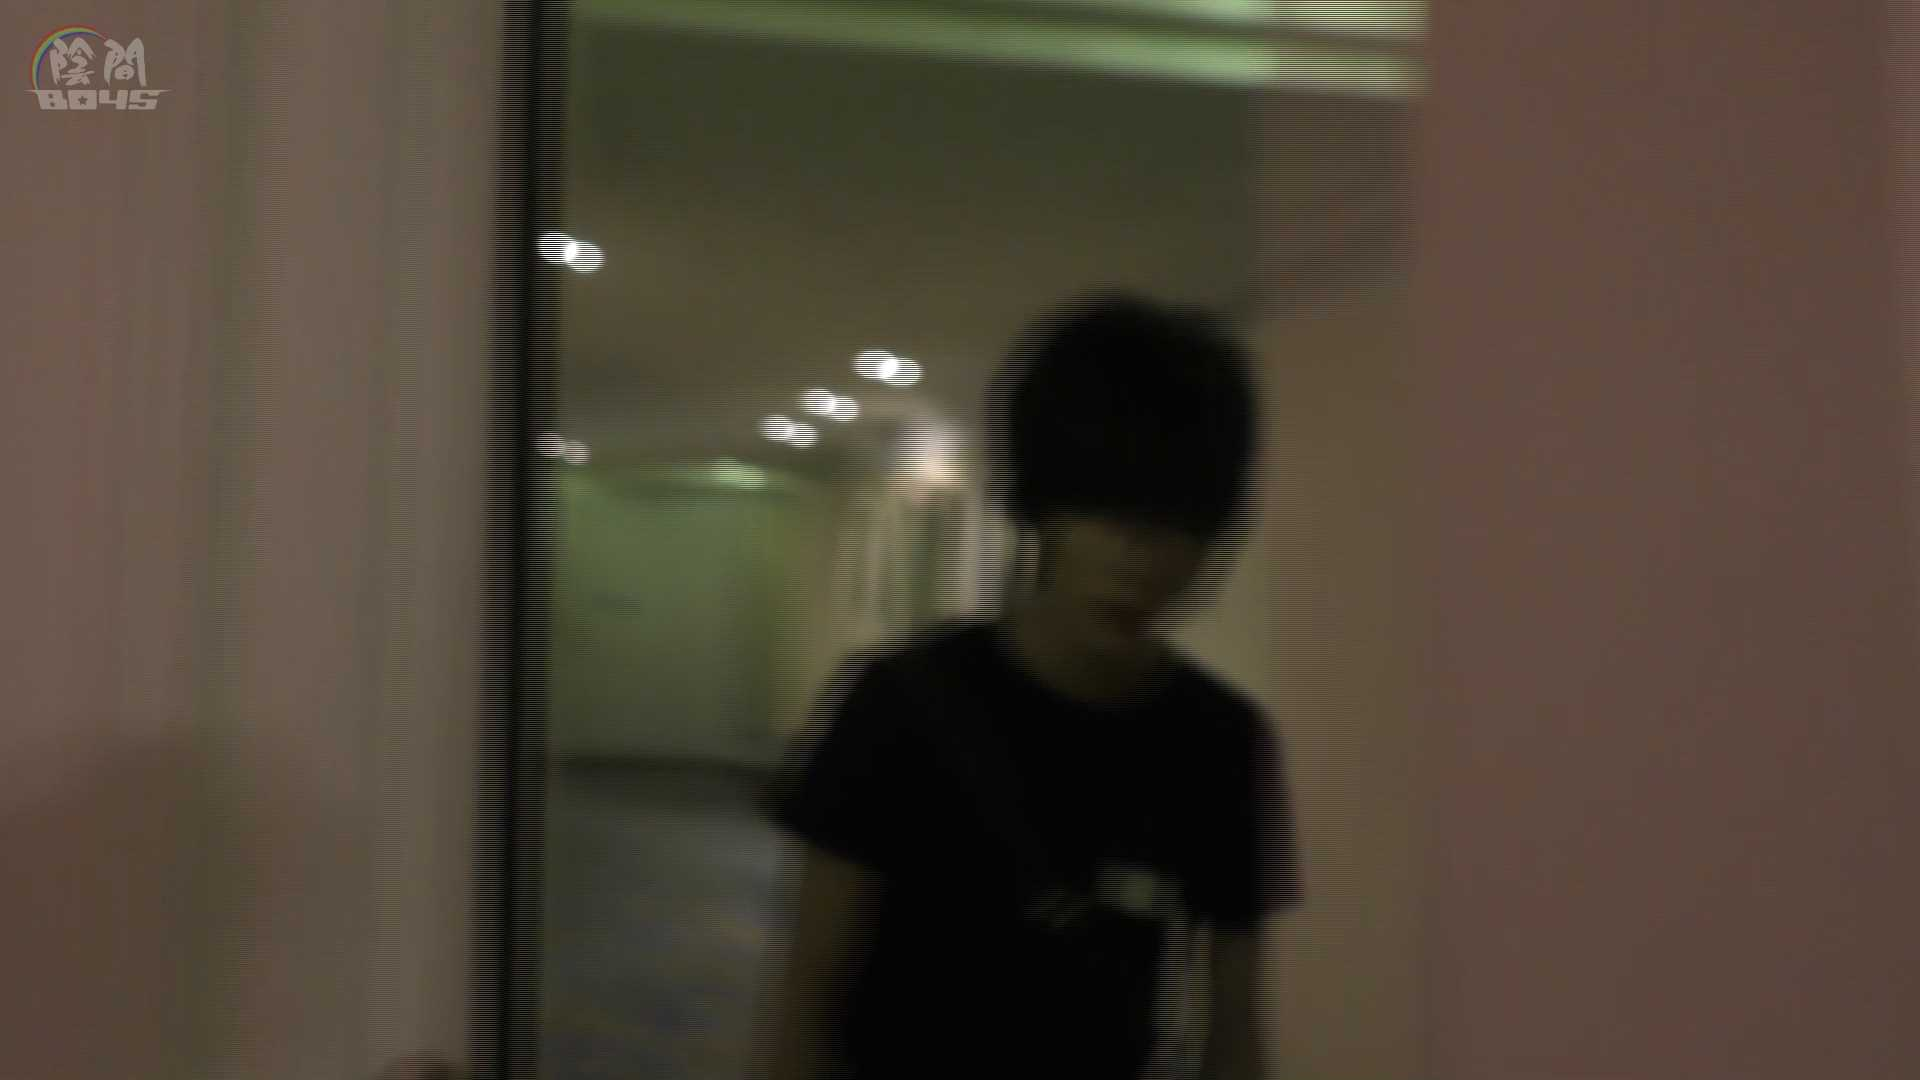 """ADのお仕事part3 part3 No.01""""アナルやばいっす"""" お尻の穴 ゲイアダルト画像 105pic 30"""